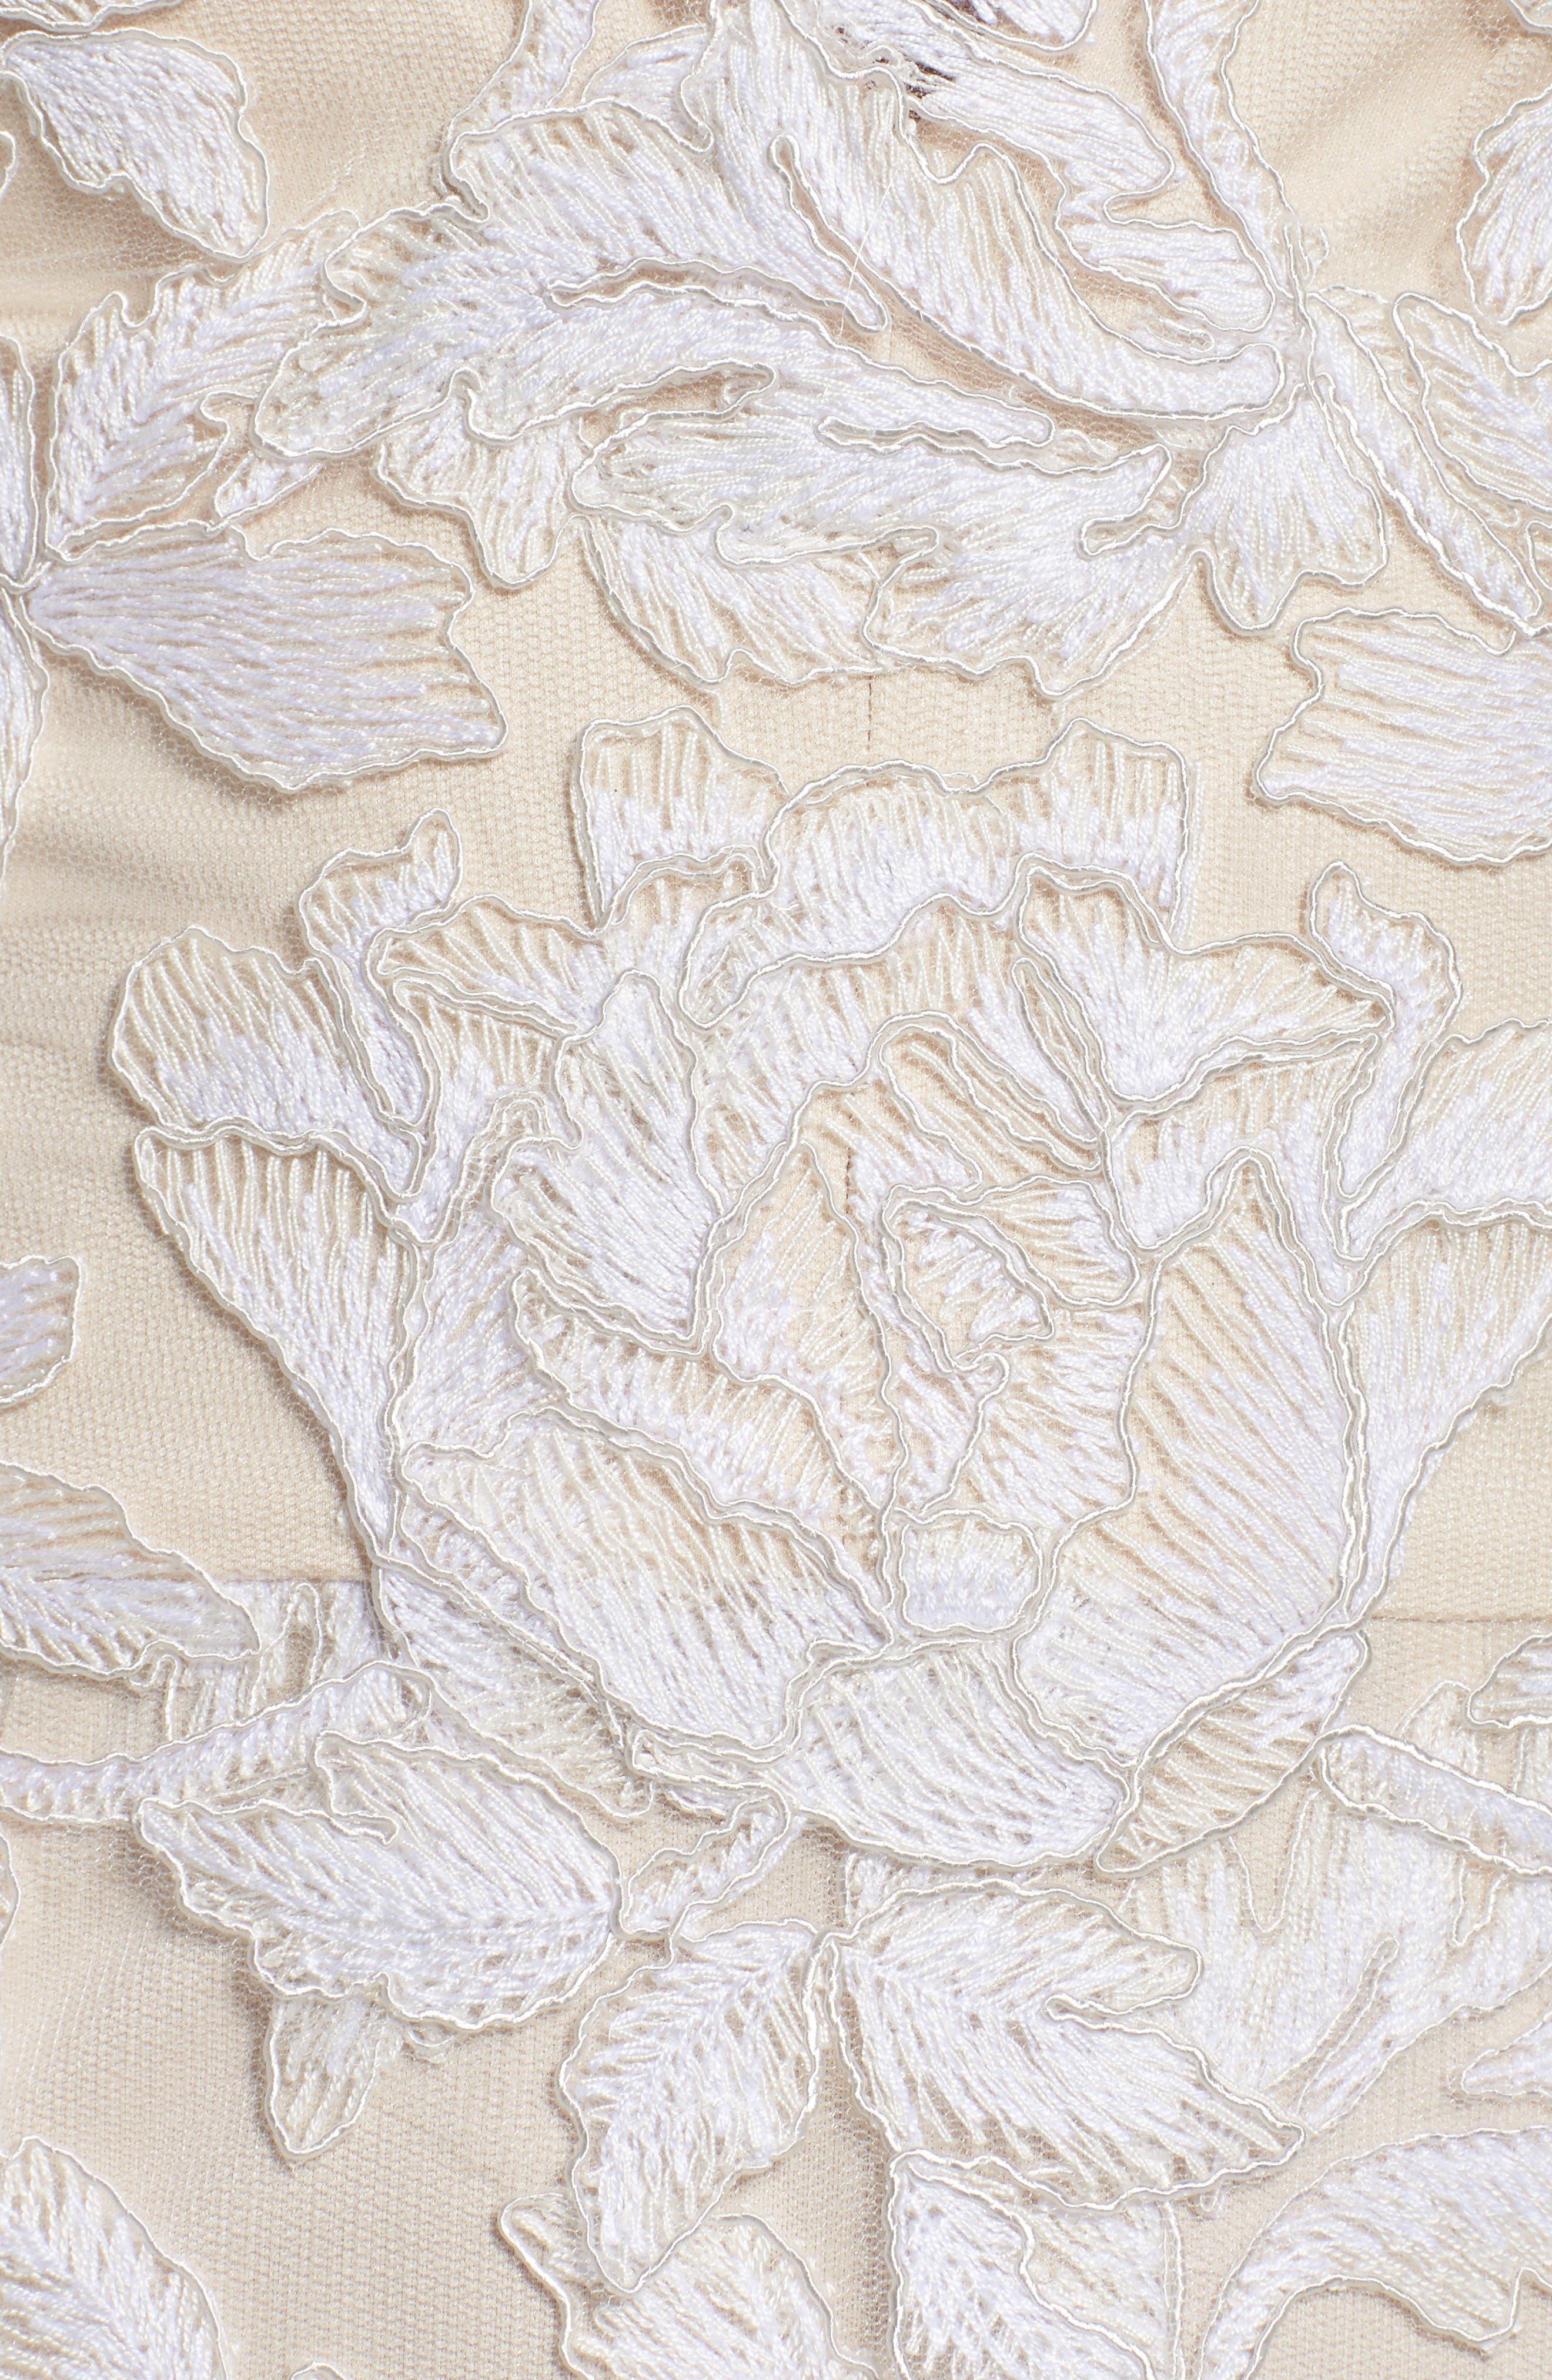 A-Line Lace Gown,                             Alternate thumbnail 5, color,                             Ivory/ Petal